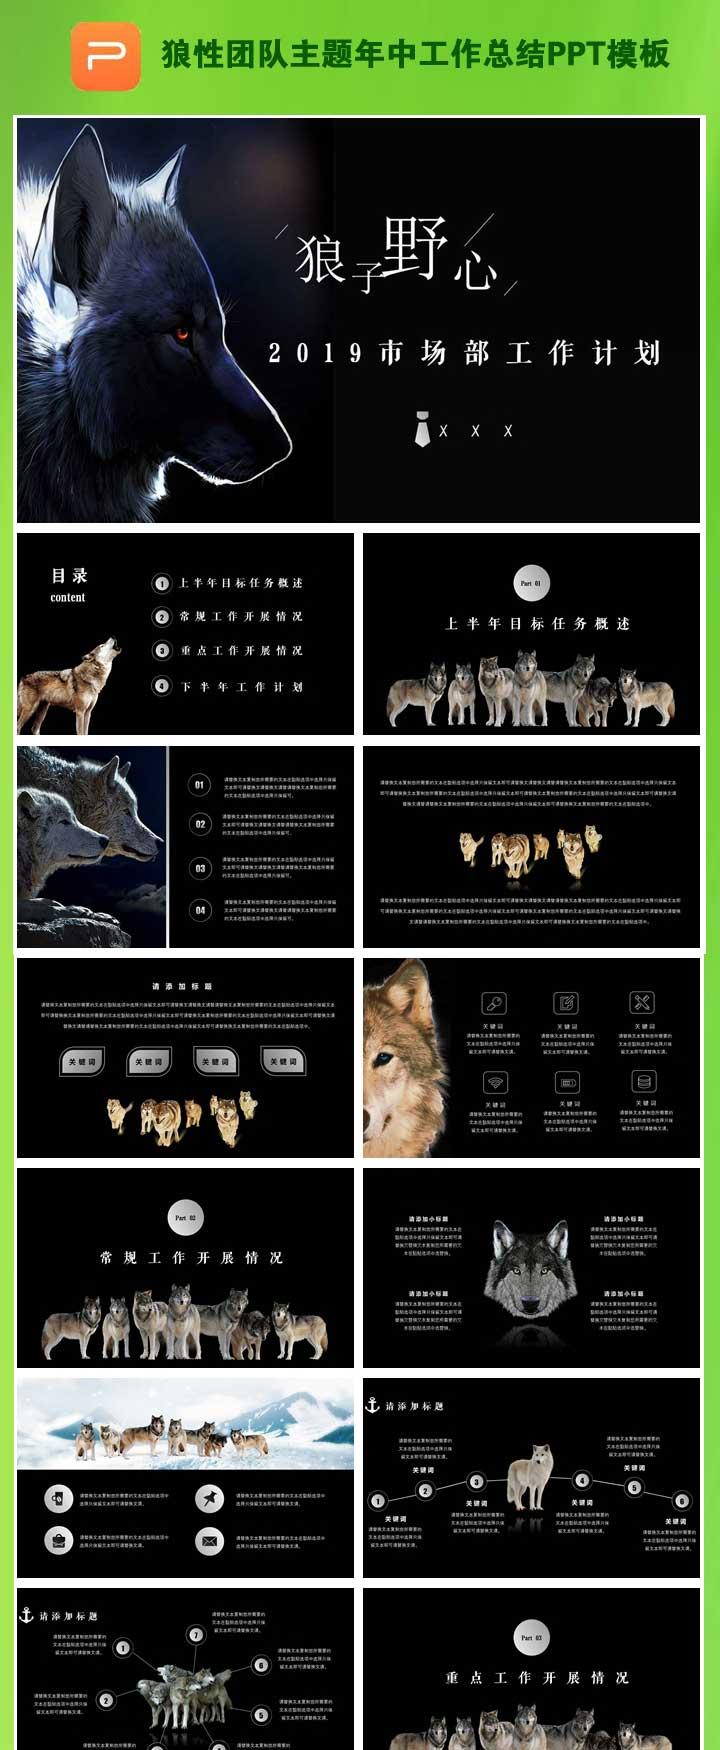 狼性团队主题年中工作总结PPT模板